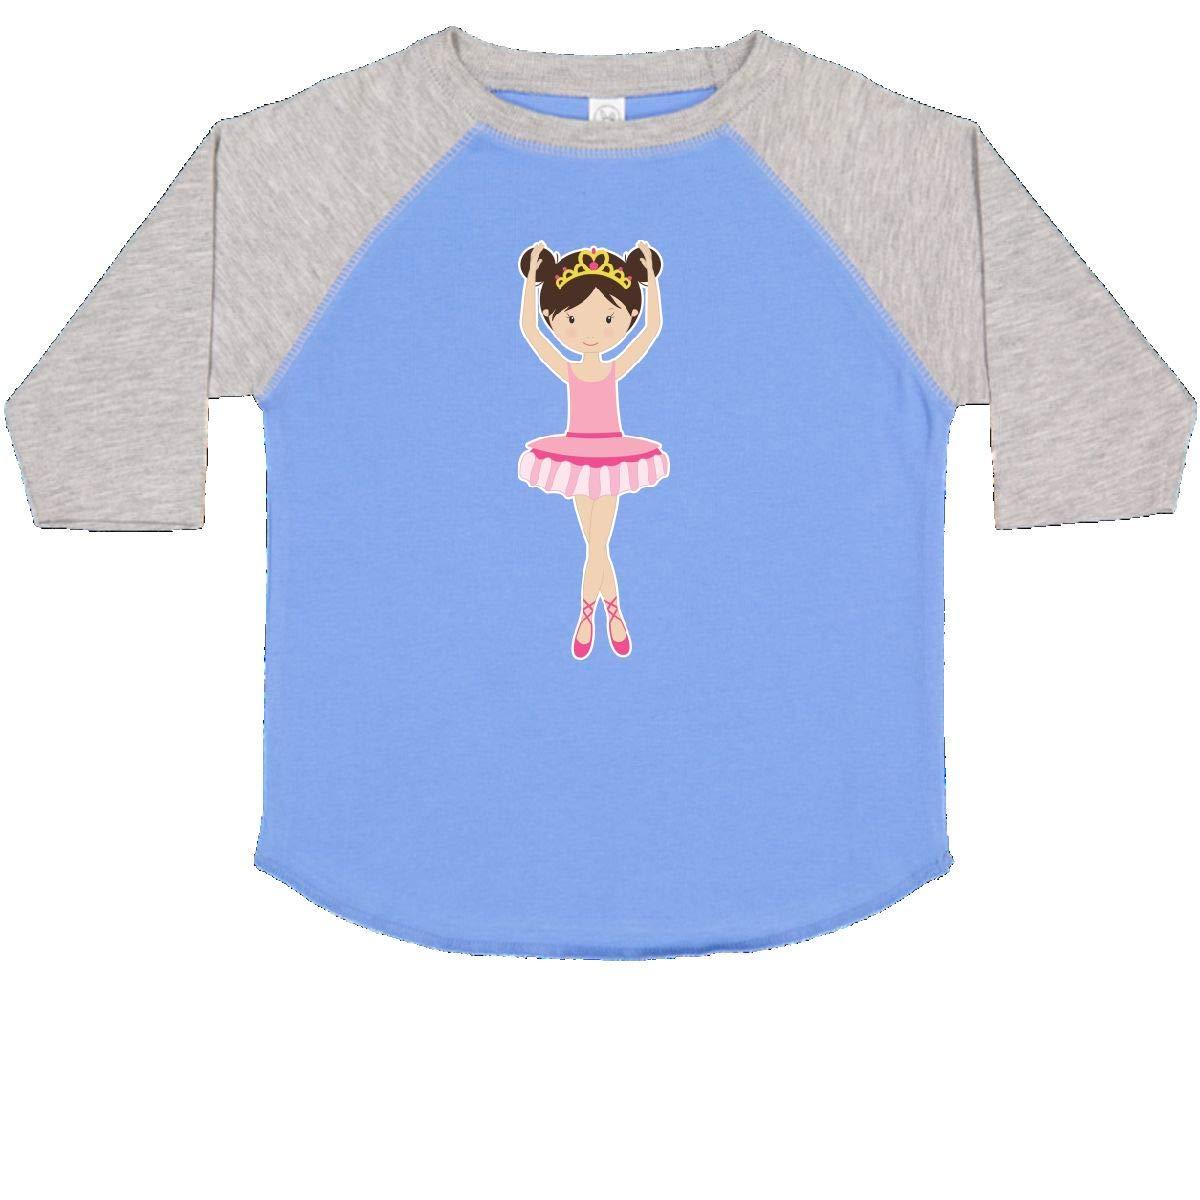 inktastic Ballerina with 2 Buns Toddler T-Shirt